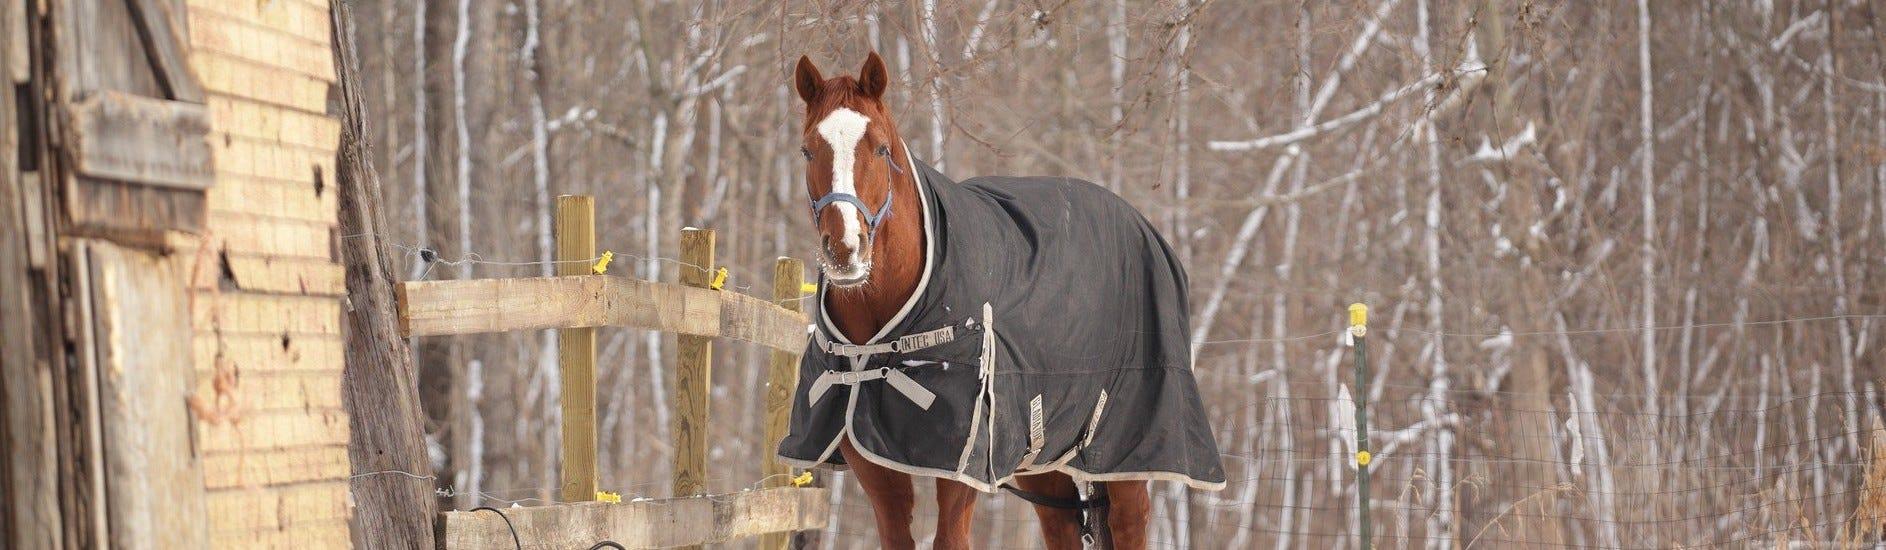 Equipement du cheval